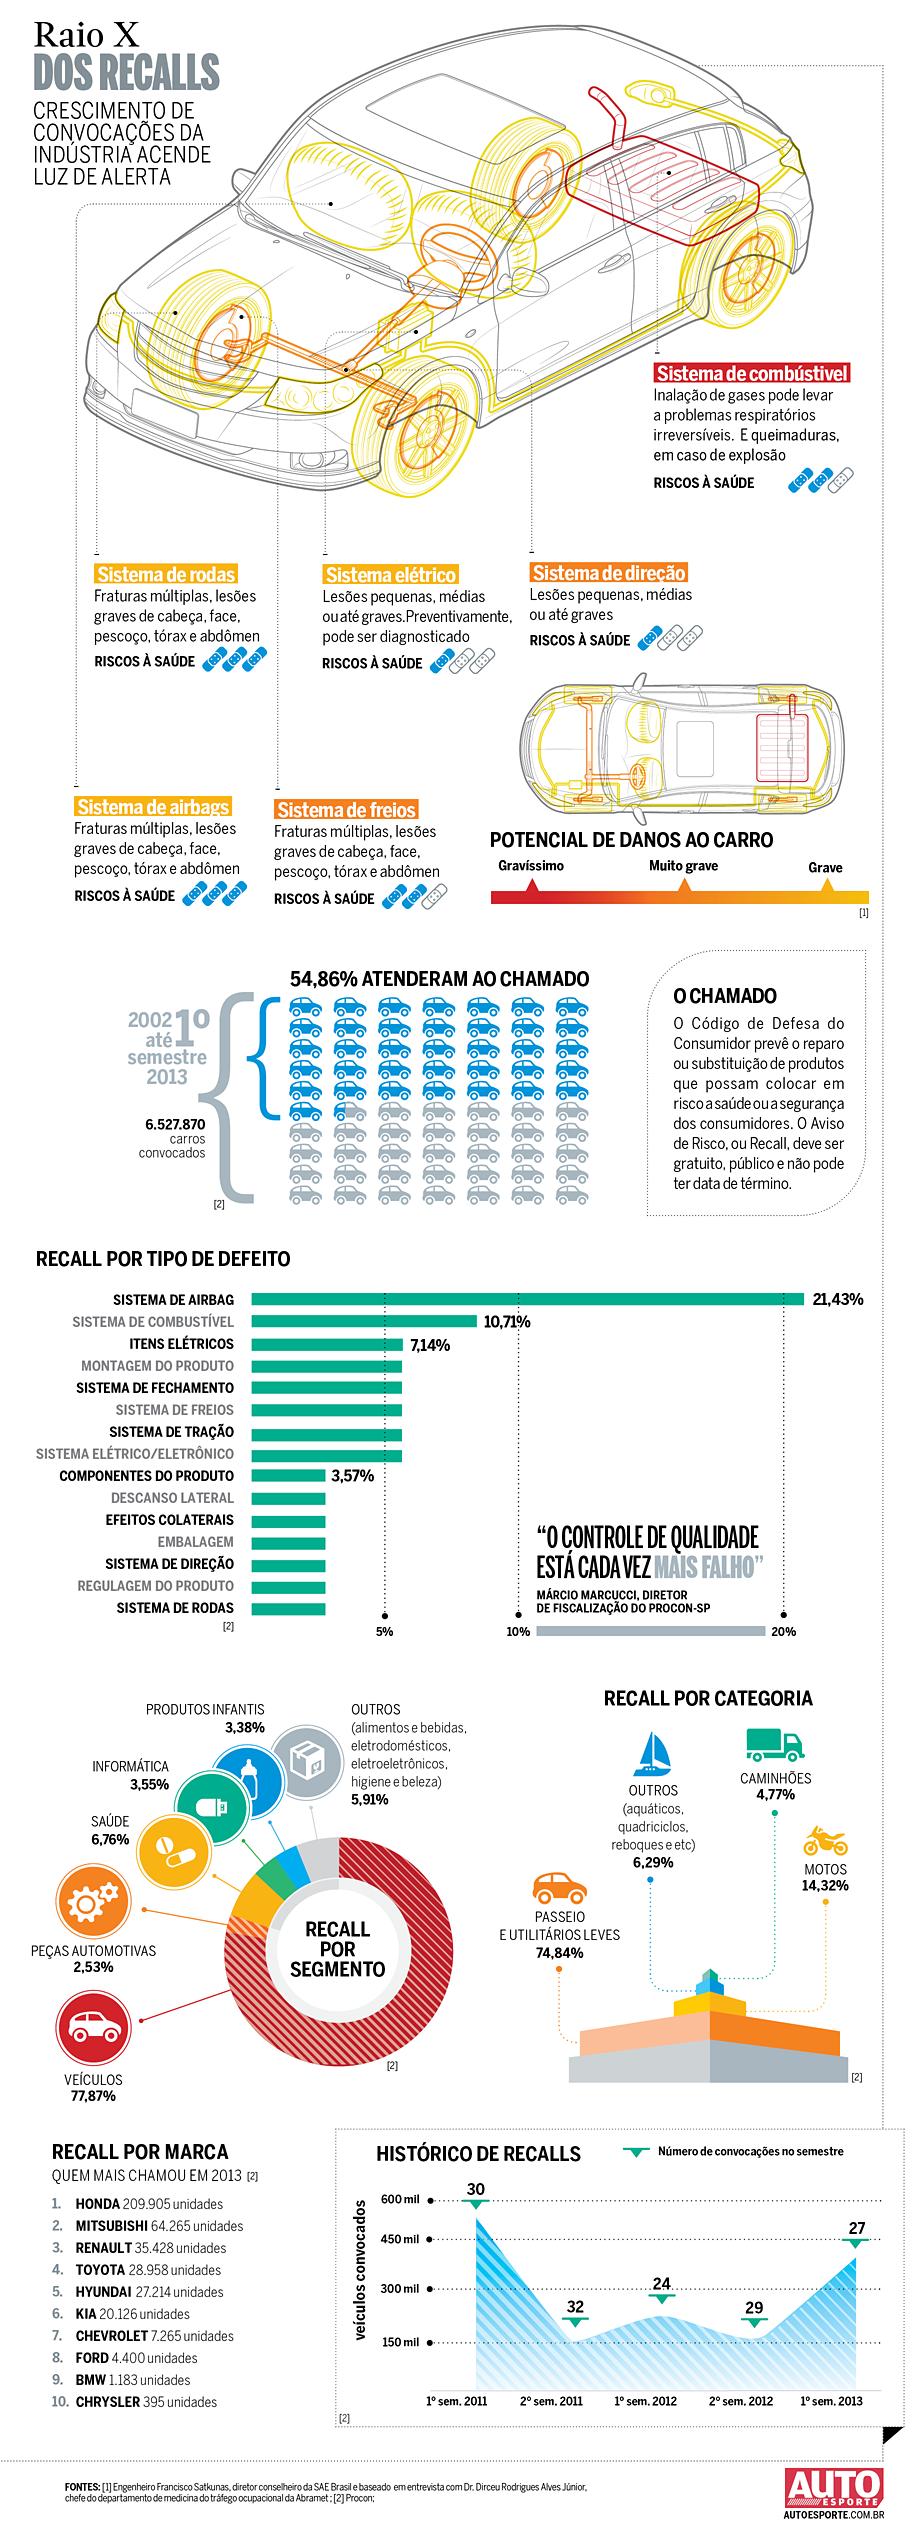 Infográfico: raio X dos recalls (Foto: Fabiane Zambon e Guilherme Blanco Muniz com edição de Alberto Cataldi ( Ilustração: Evandro Bertol))